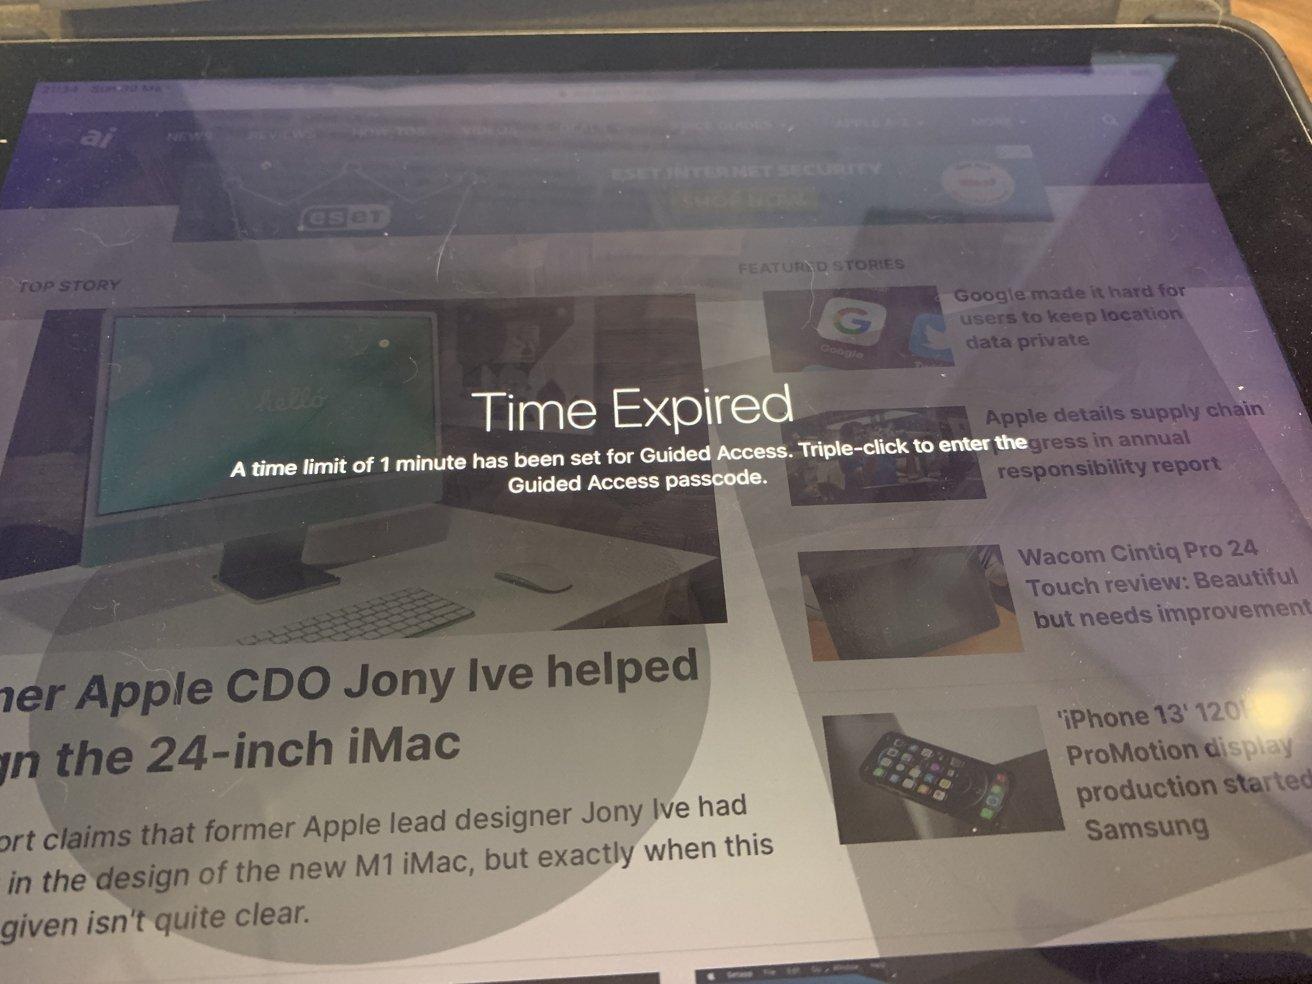 با اتمام زمان ، تا زمانی که قفل قفل باز نشود یا کد وارد نشود ، نمی توانید از iPhone یا iPad استفاده کنید.